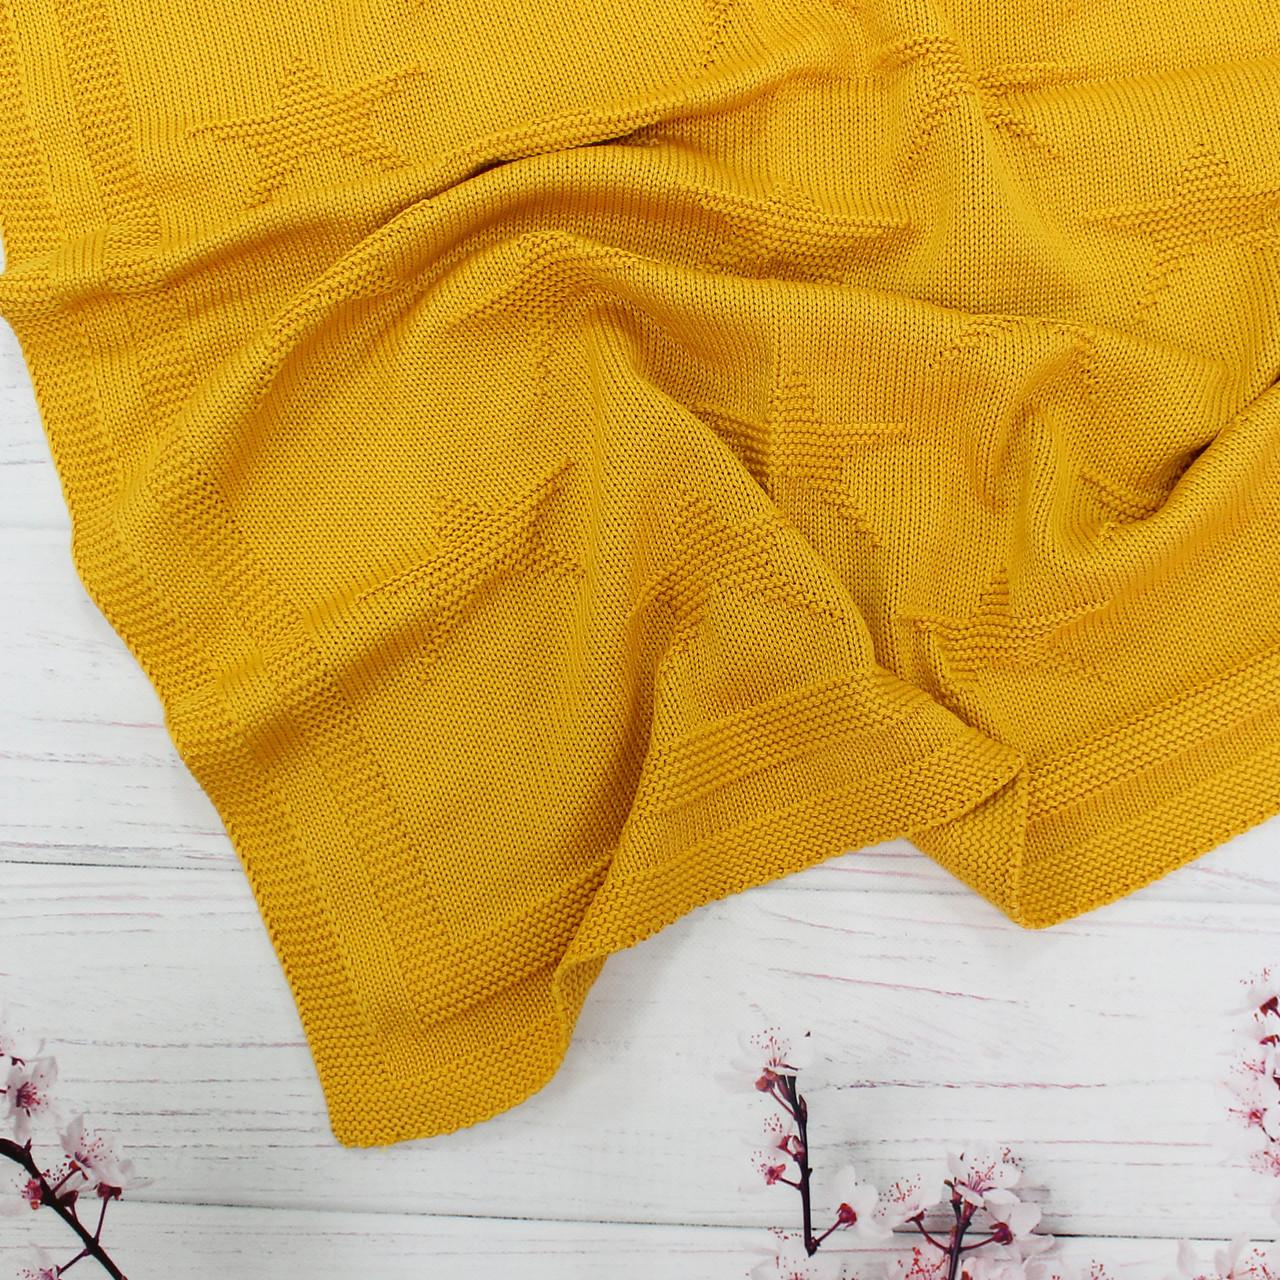 Плед вязанный звезда цвет горчичный 95*75 см (90% хлопок, 10% акрил)